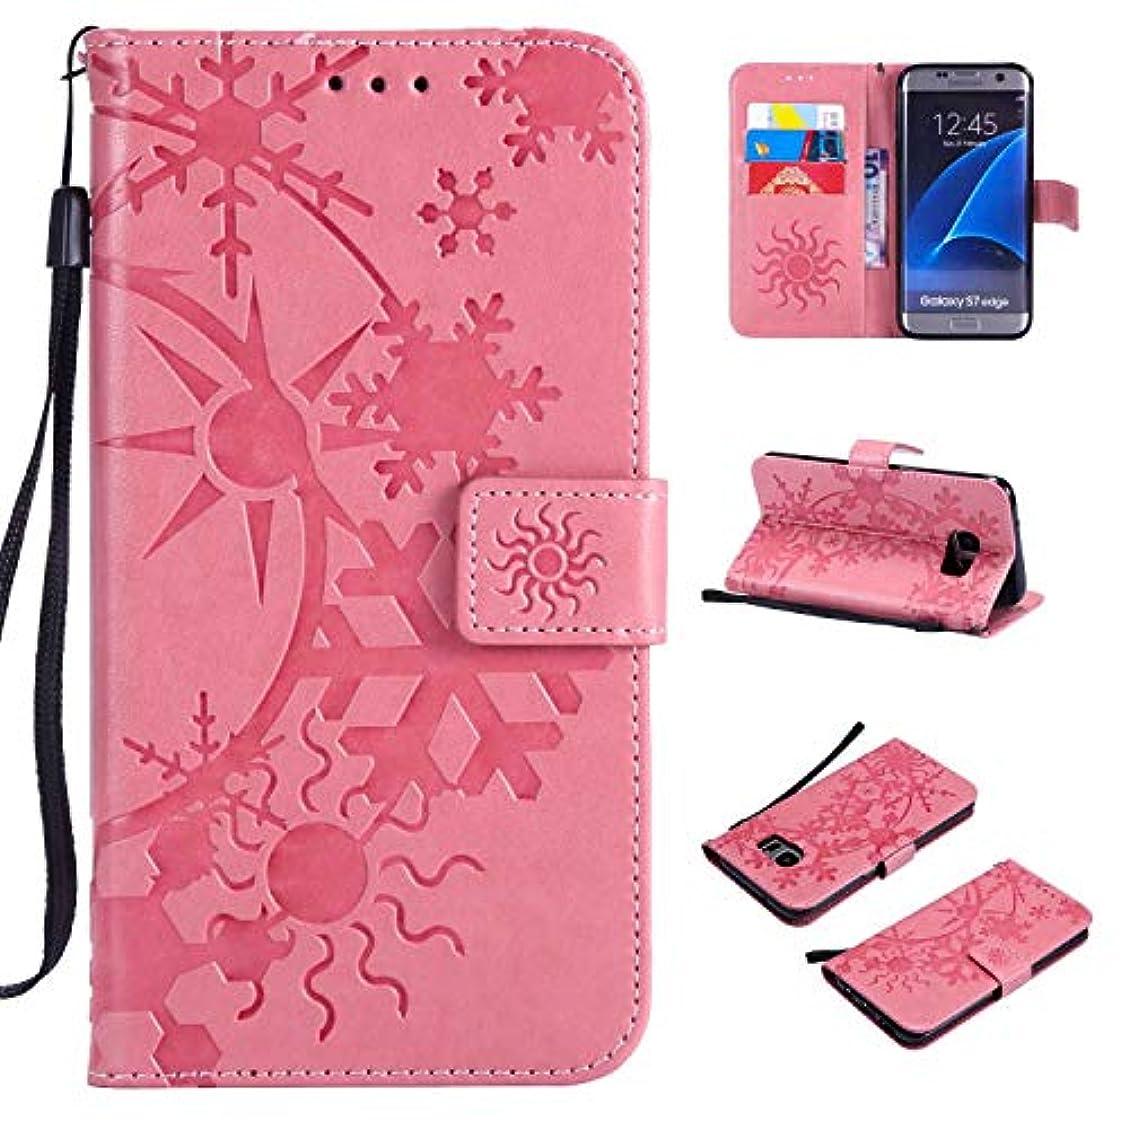 中に衝撃禁止するGalaxy S7 Edge ケース CUSKING 手帳型 ケース ストラップ付き かわいい 財布 カバー カードポケット付き Samsung ギャラクシー S7 Edge マジックアレイ ケース - ピンク